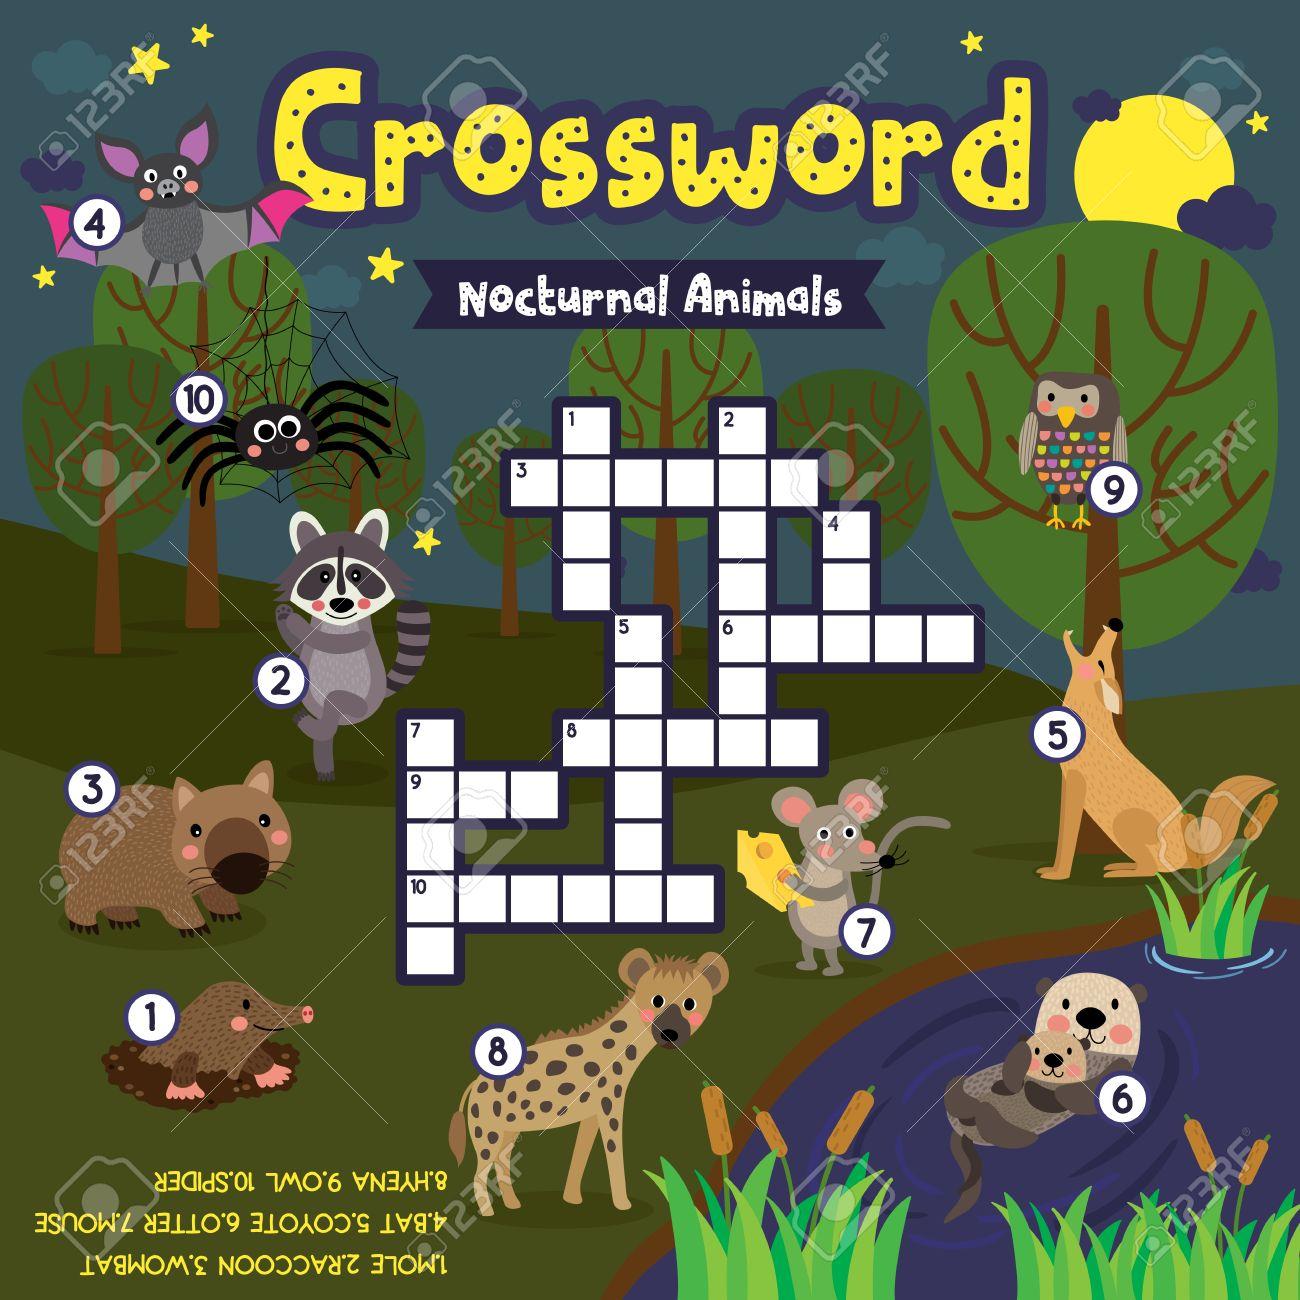 Kreuzworträtsel-Spiel Von Nächtlichen Tiere Für Kinder Im ...